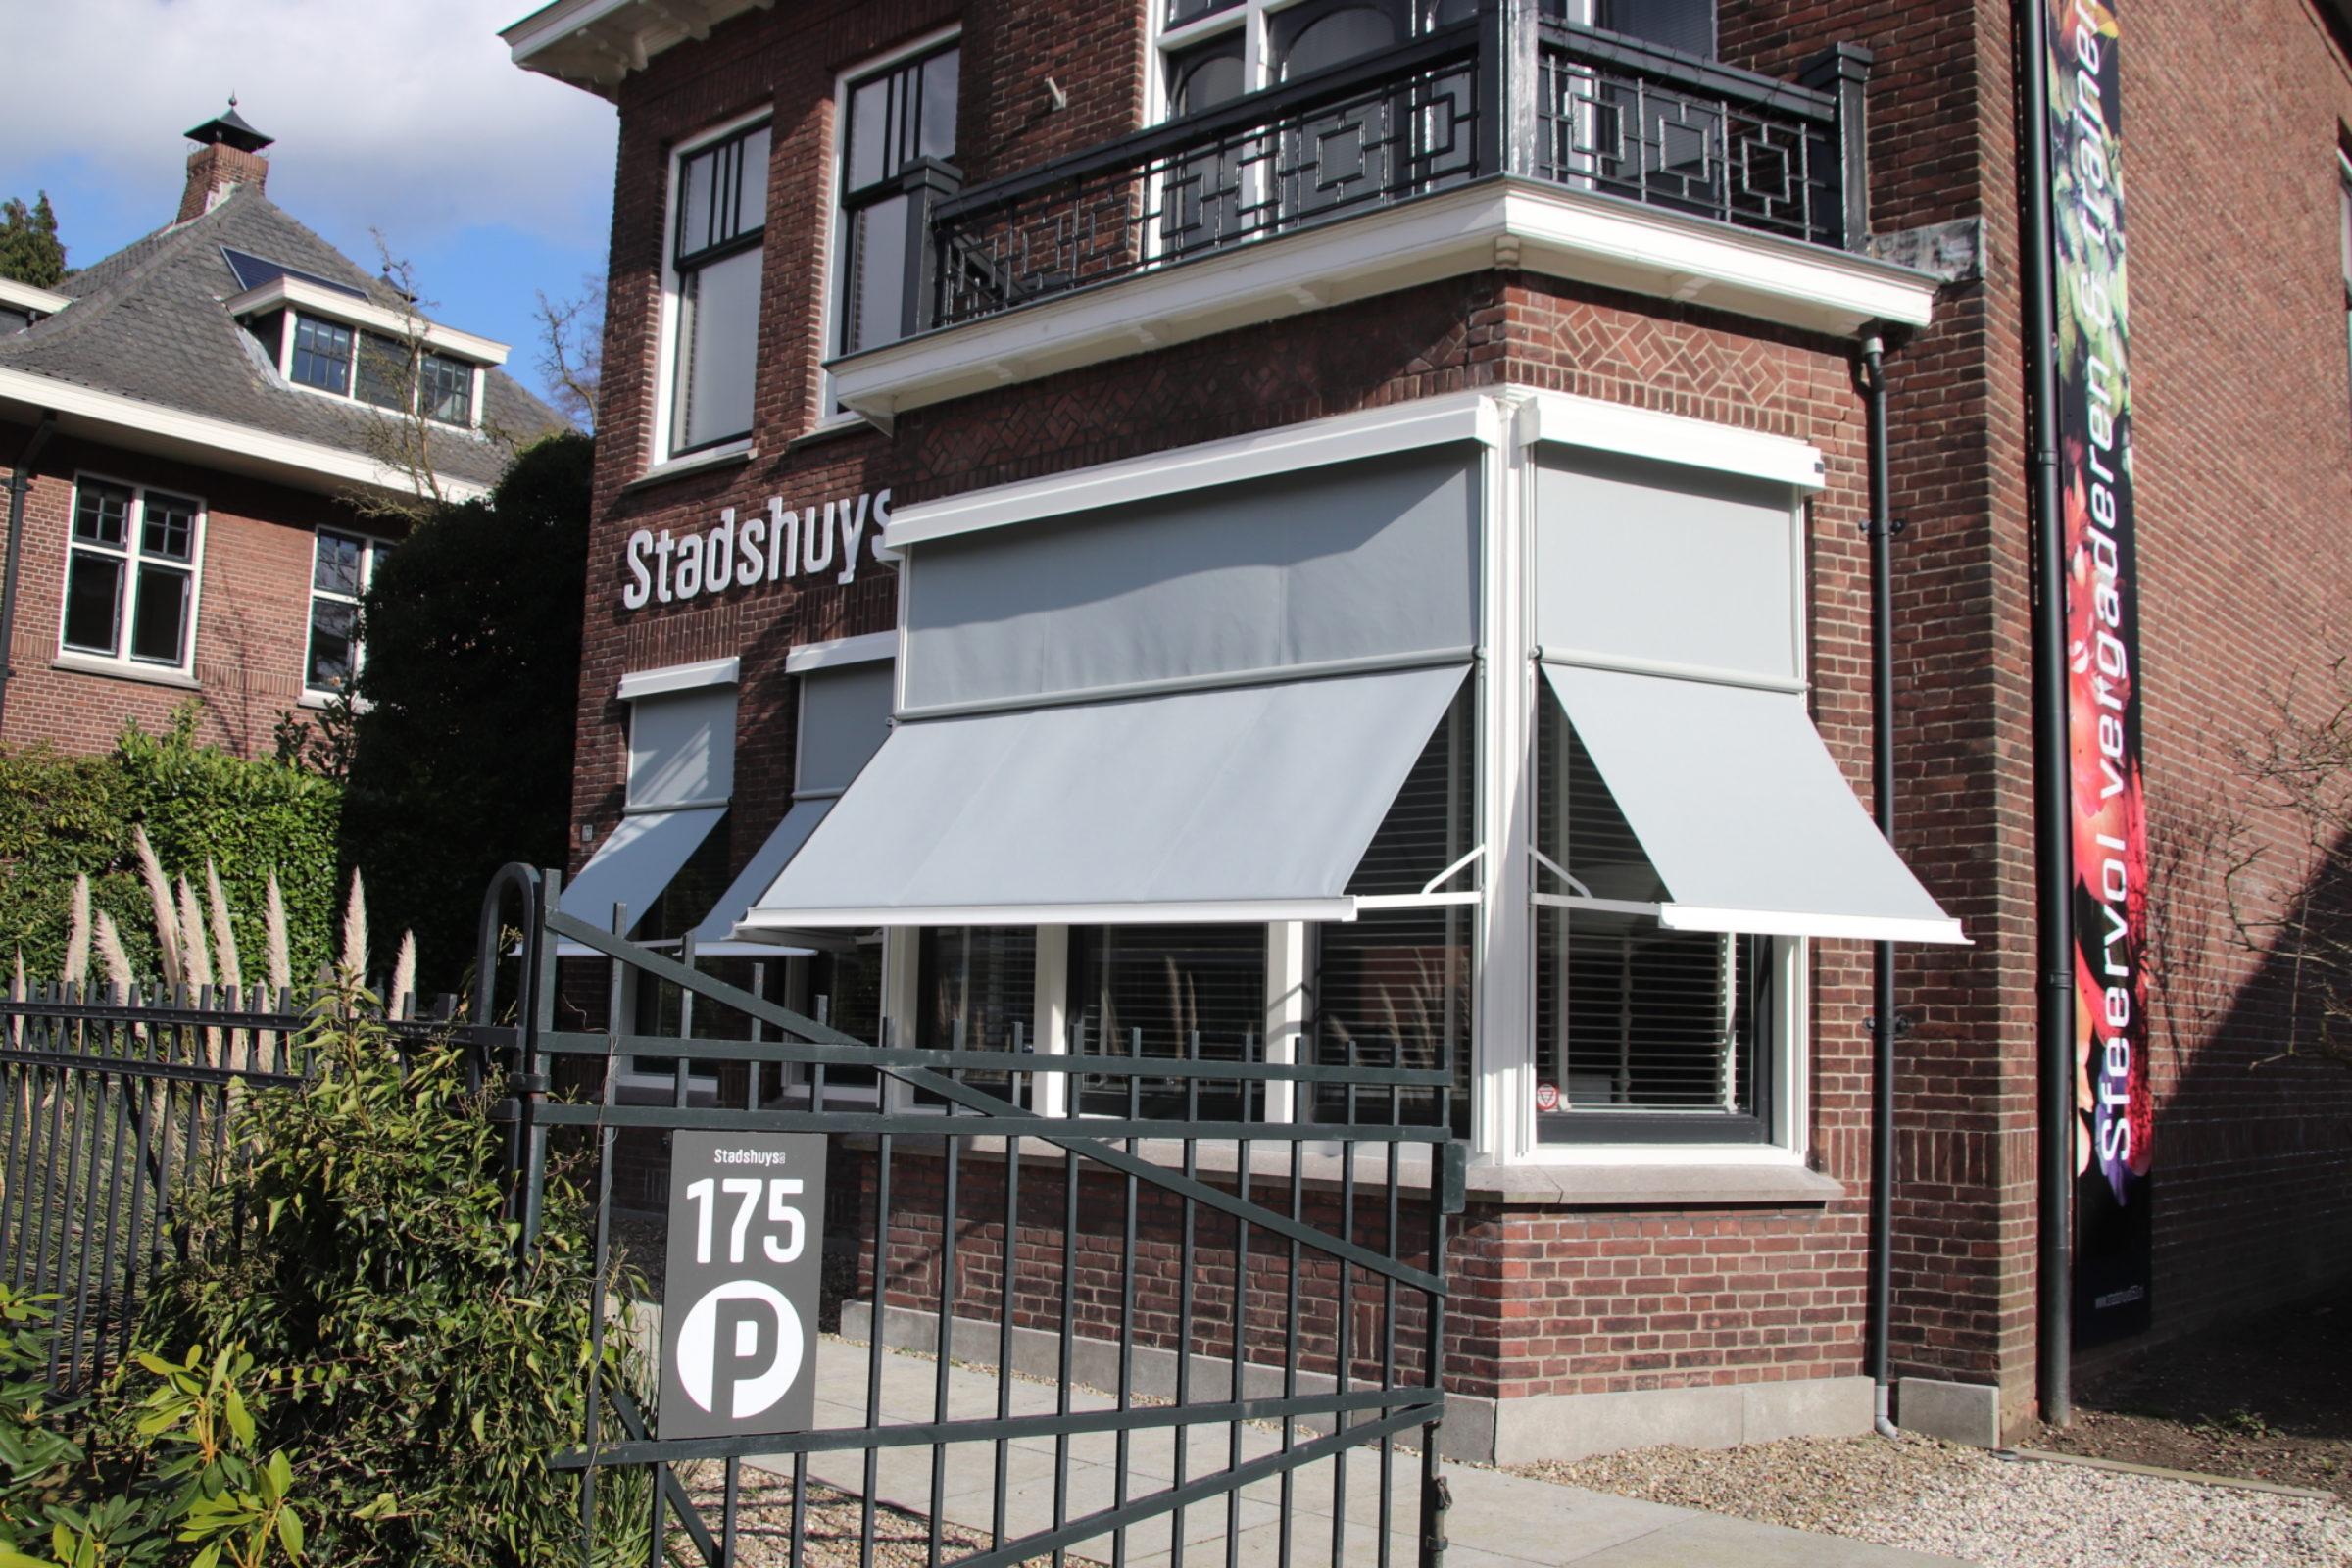 Stadshuys 053 Enschede 4